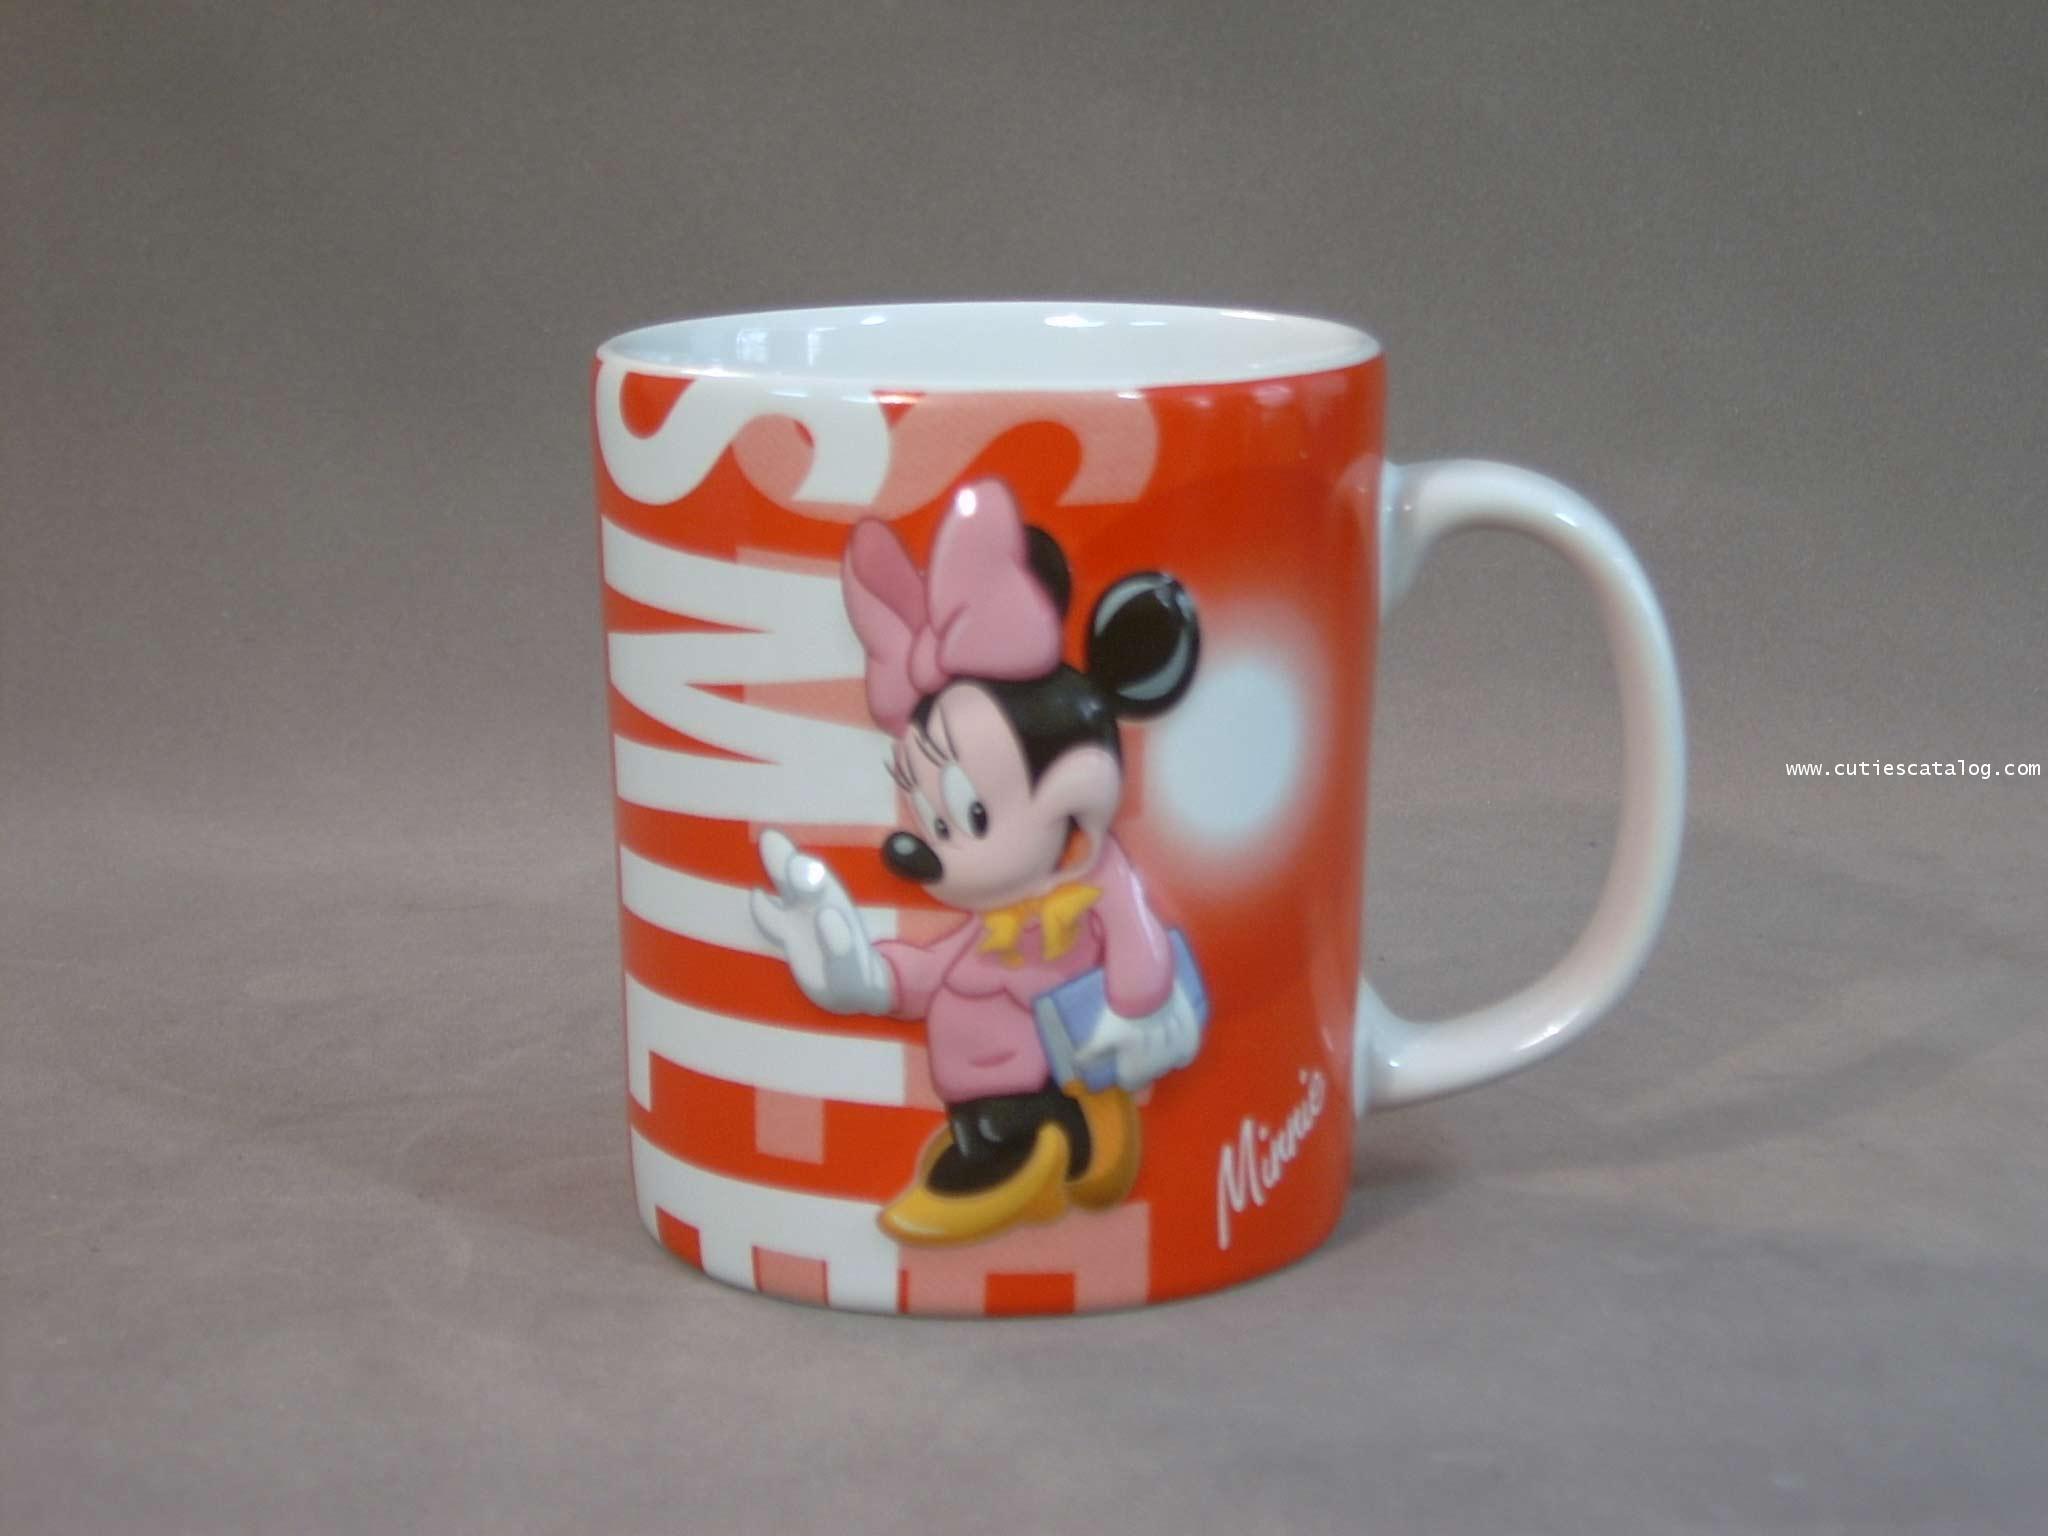 แก้วดิสนีย์ ชุดเลทโกทูเวิร์ต ลายมินนี่(Minnie)